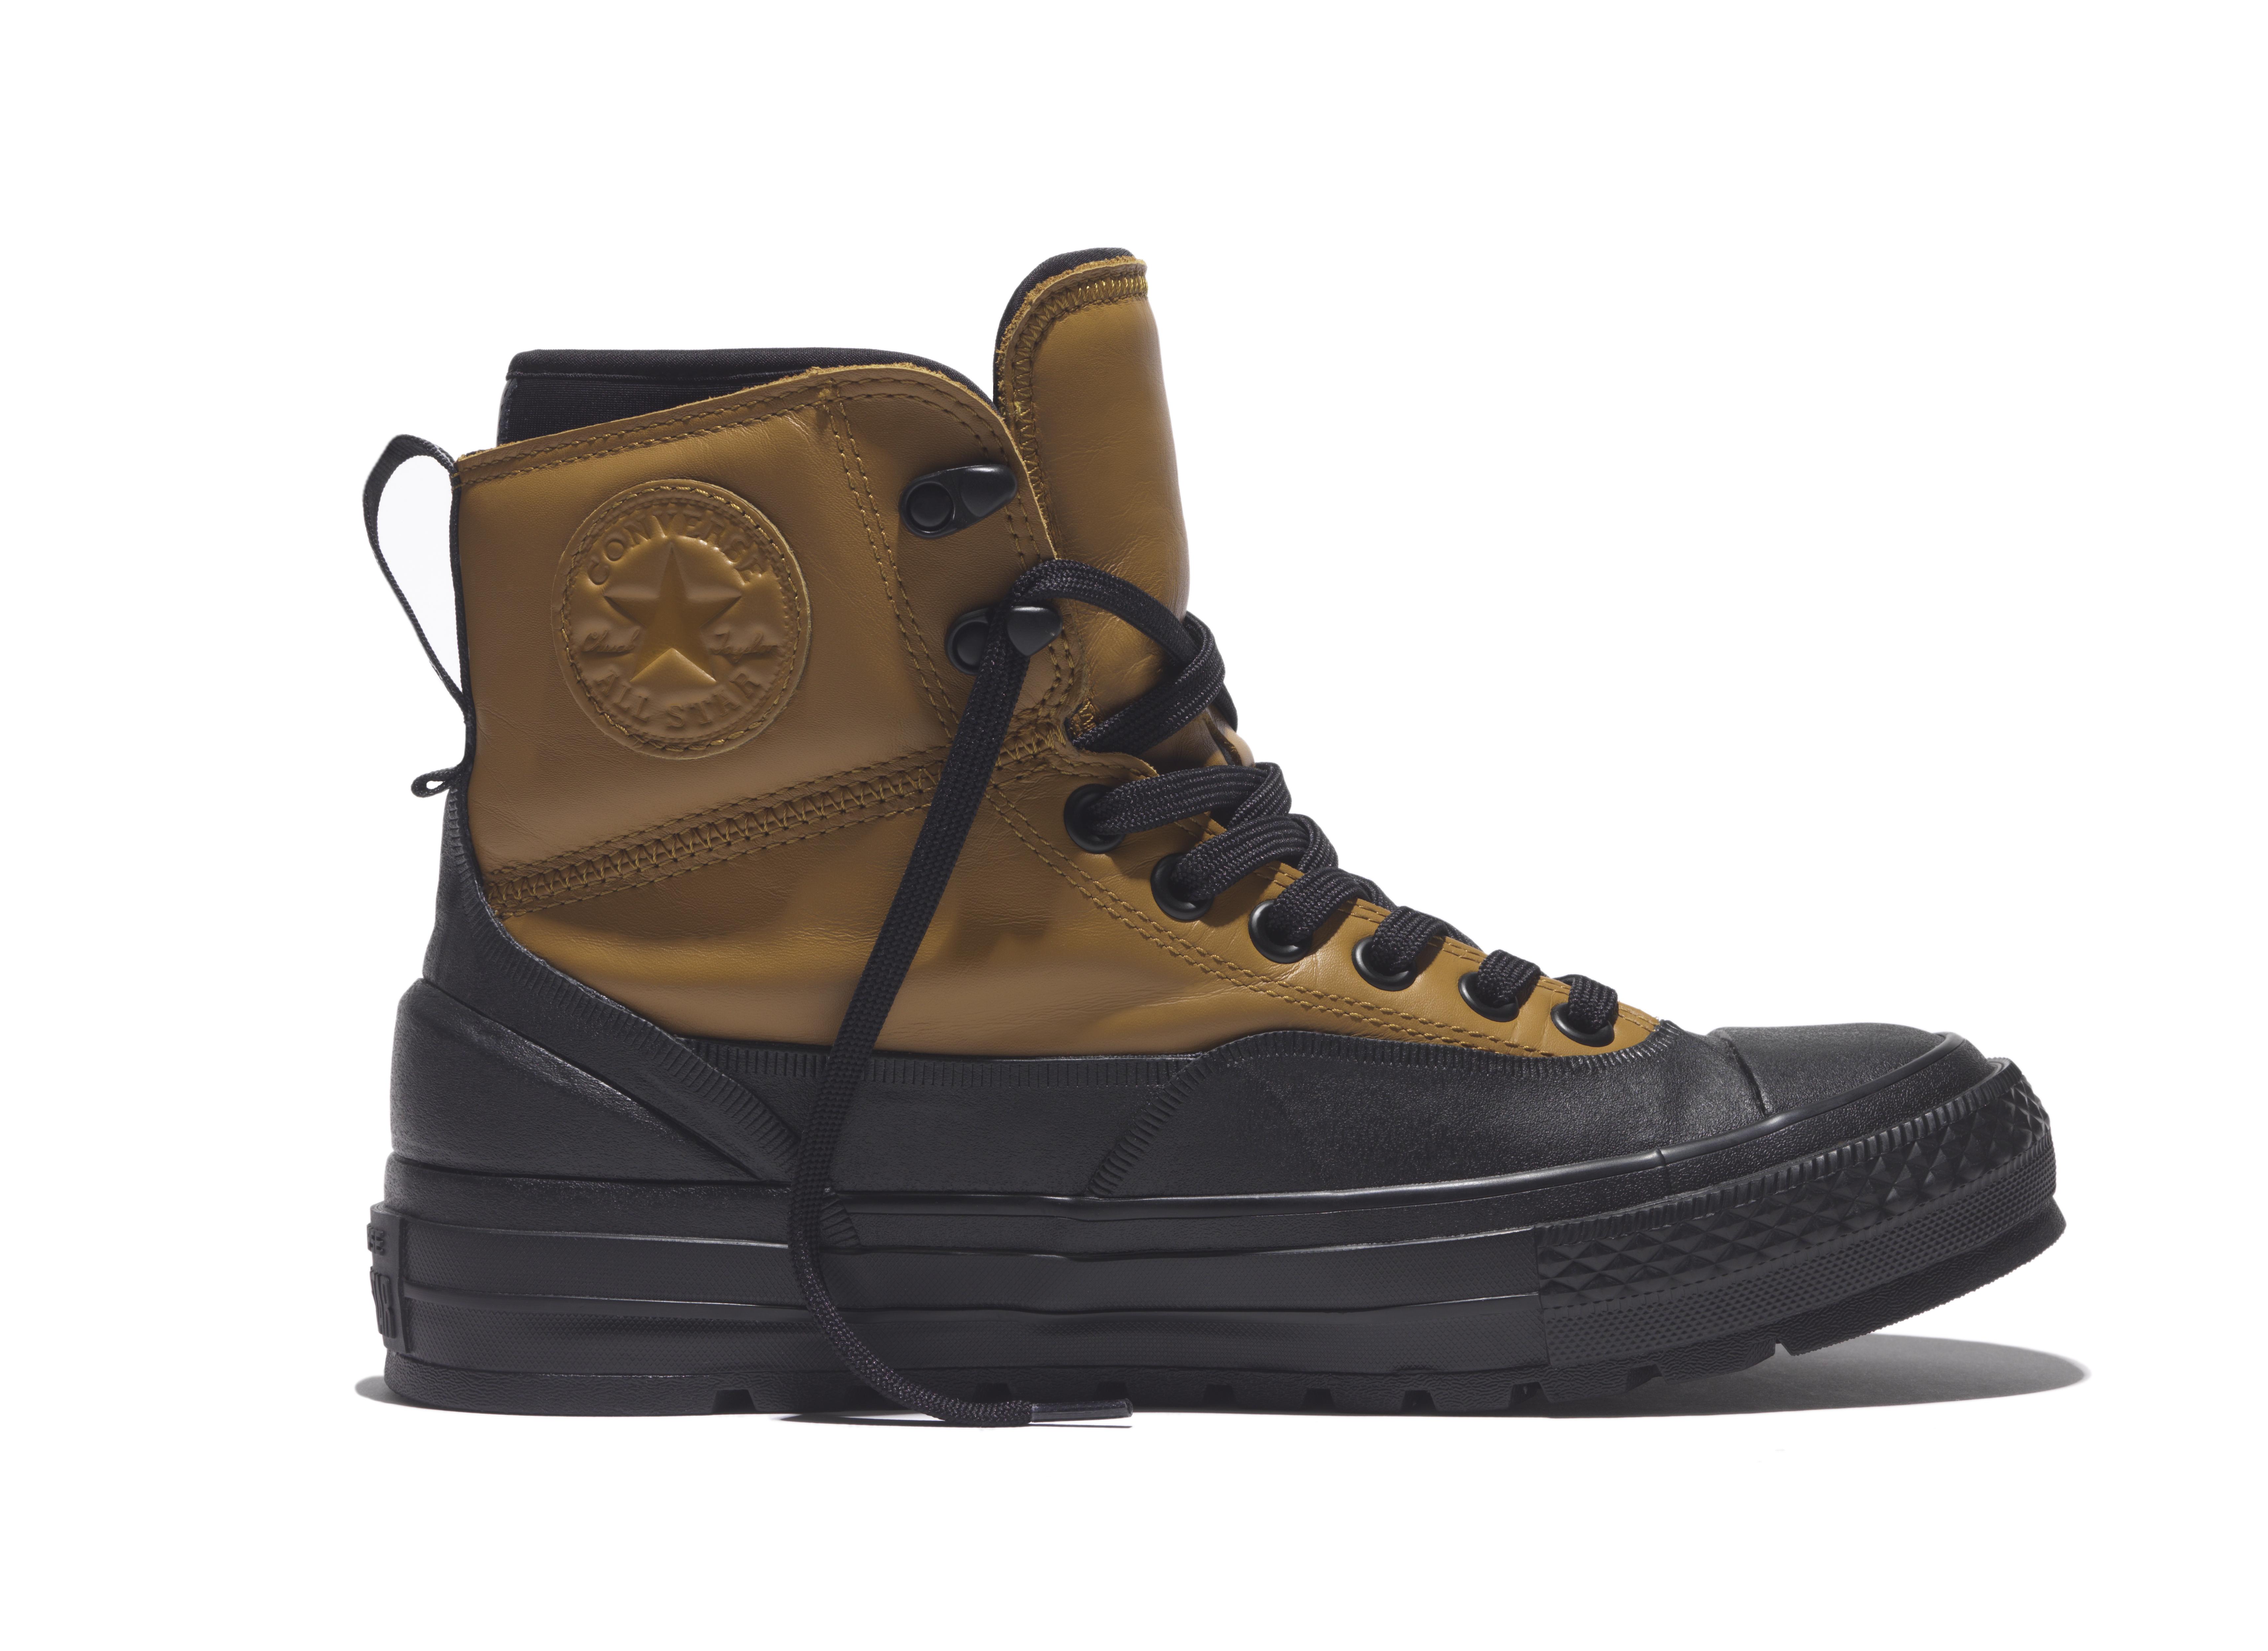 d69cd2227821 Converse Chuck 2 Sneaker Boot